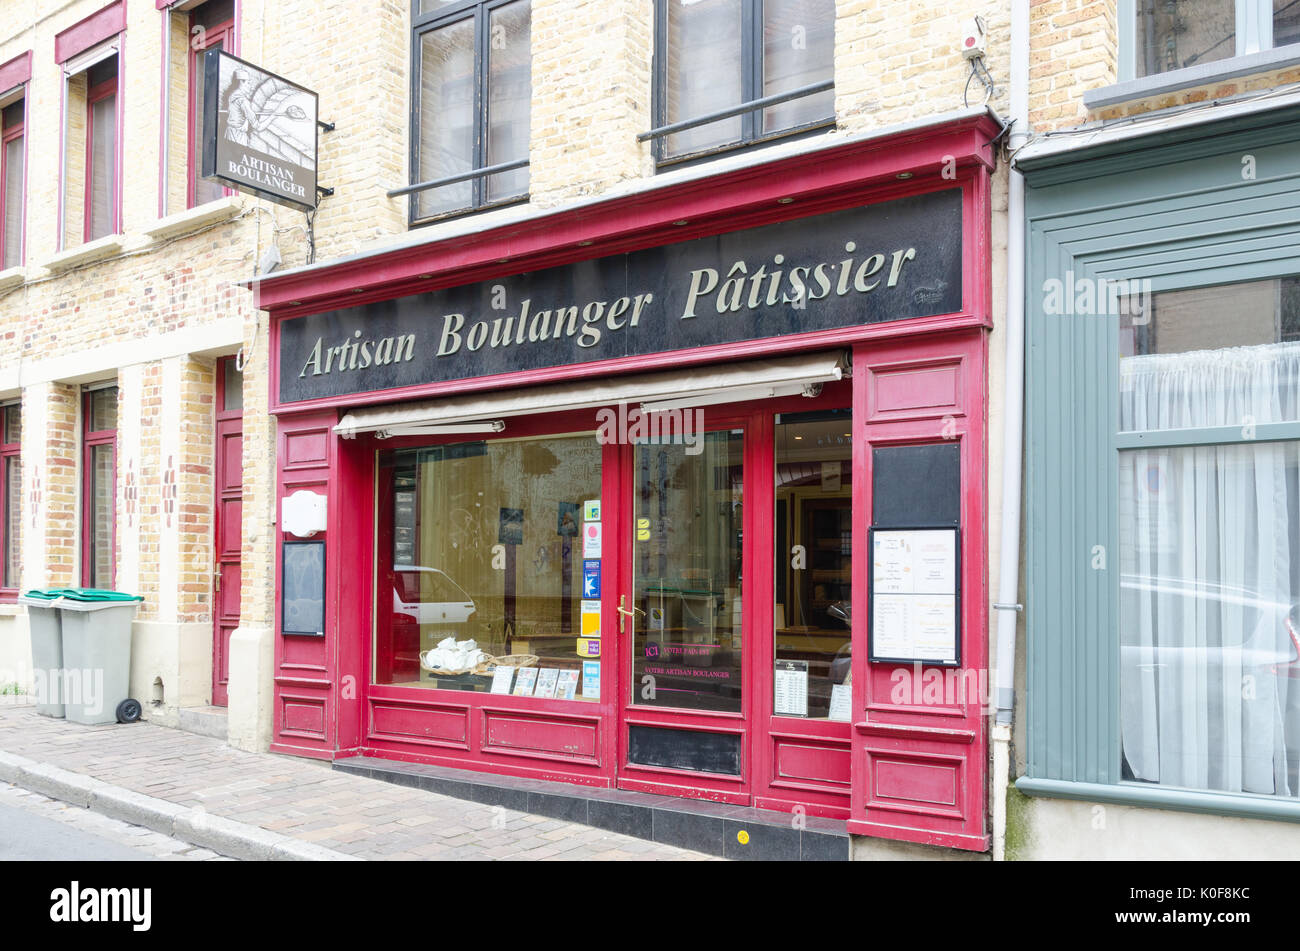 Artisan Boulanger Patissier in Saint Omer, Northern France - Stock Image